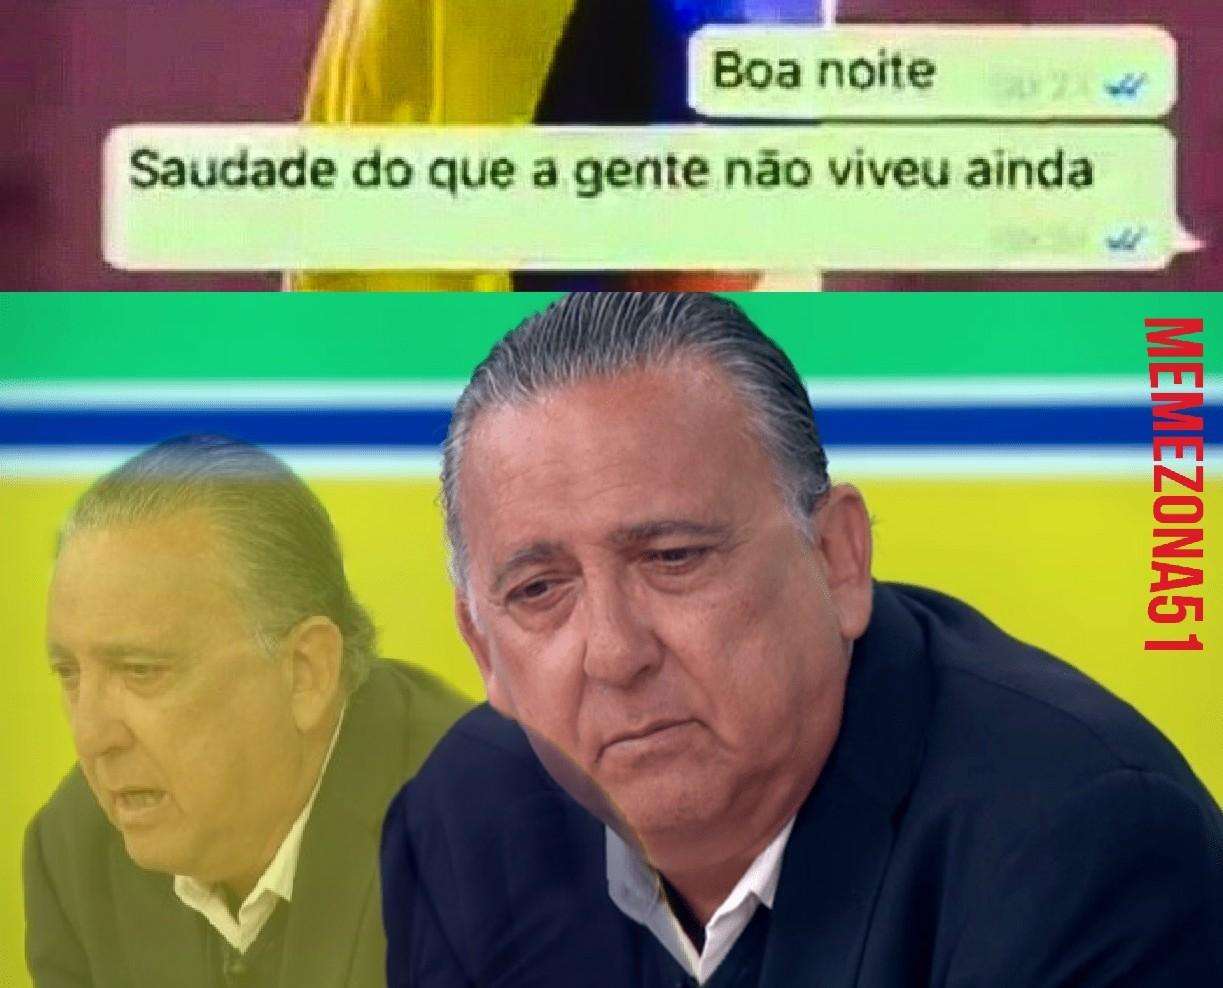 #aposentagalvão - meme